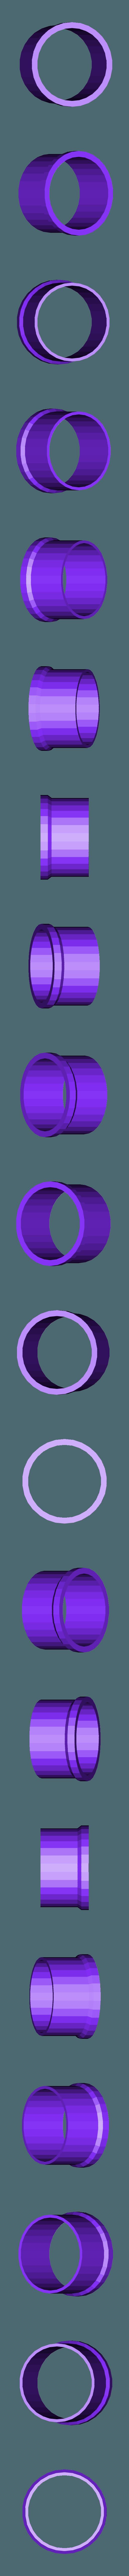 Flower_cookie_in.stl Télécharger fichier STL gratuit Coupe-biscuits à fleurs • Modèle à imprimer en 3D, c47